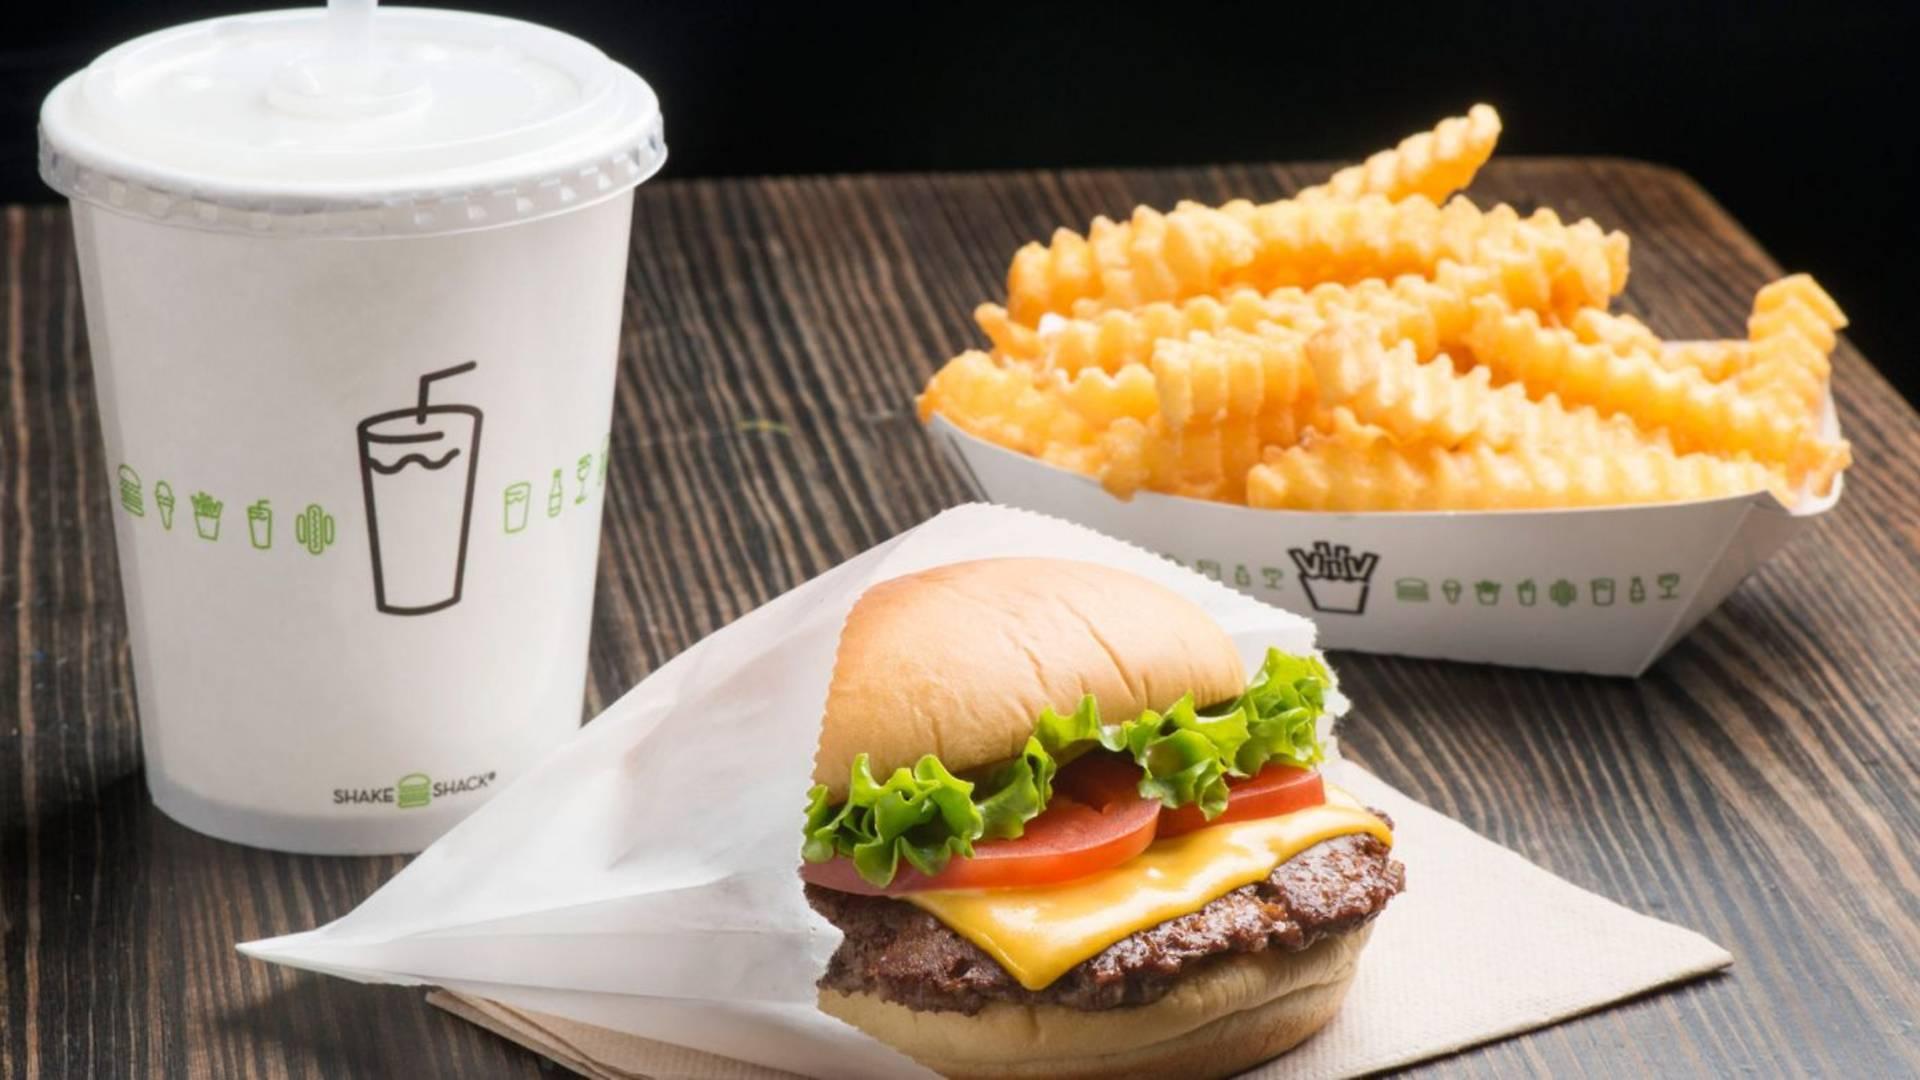 shake-shack-burger-2.jpg